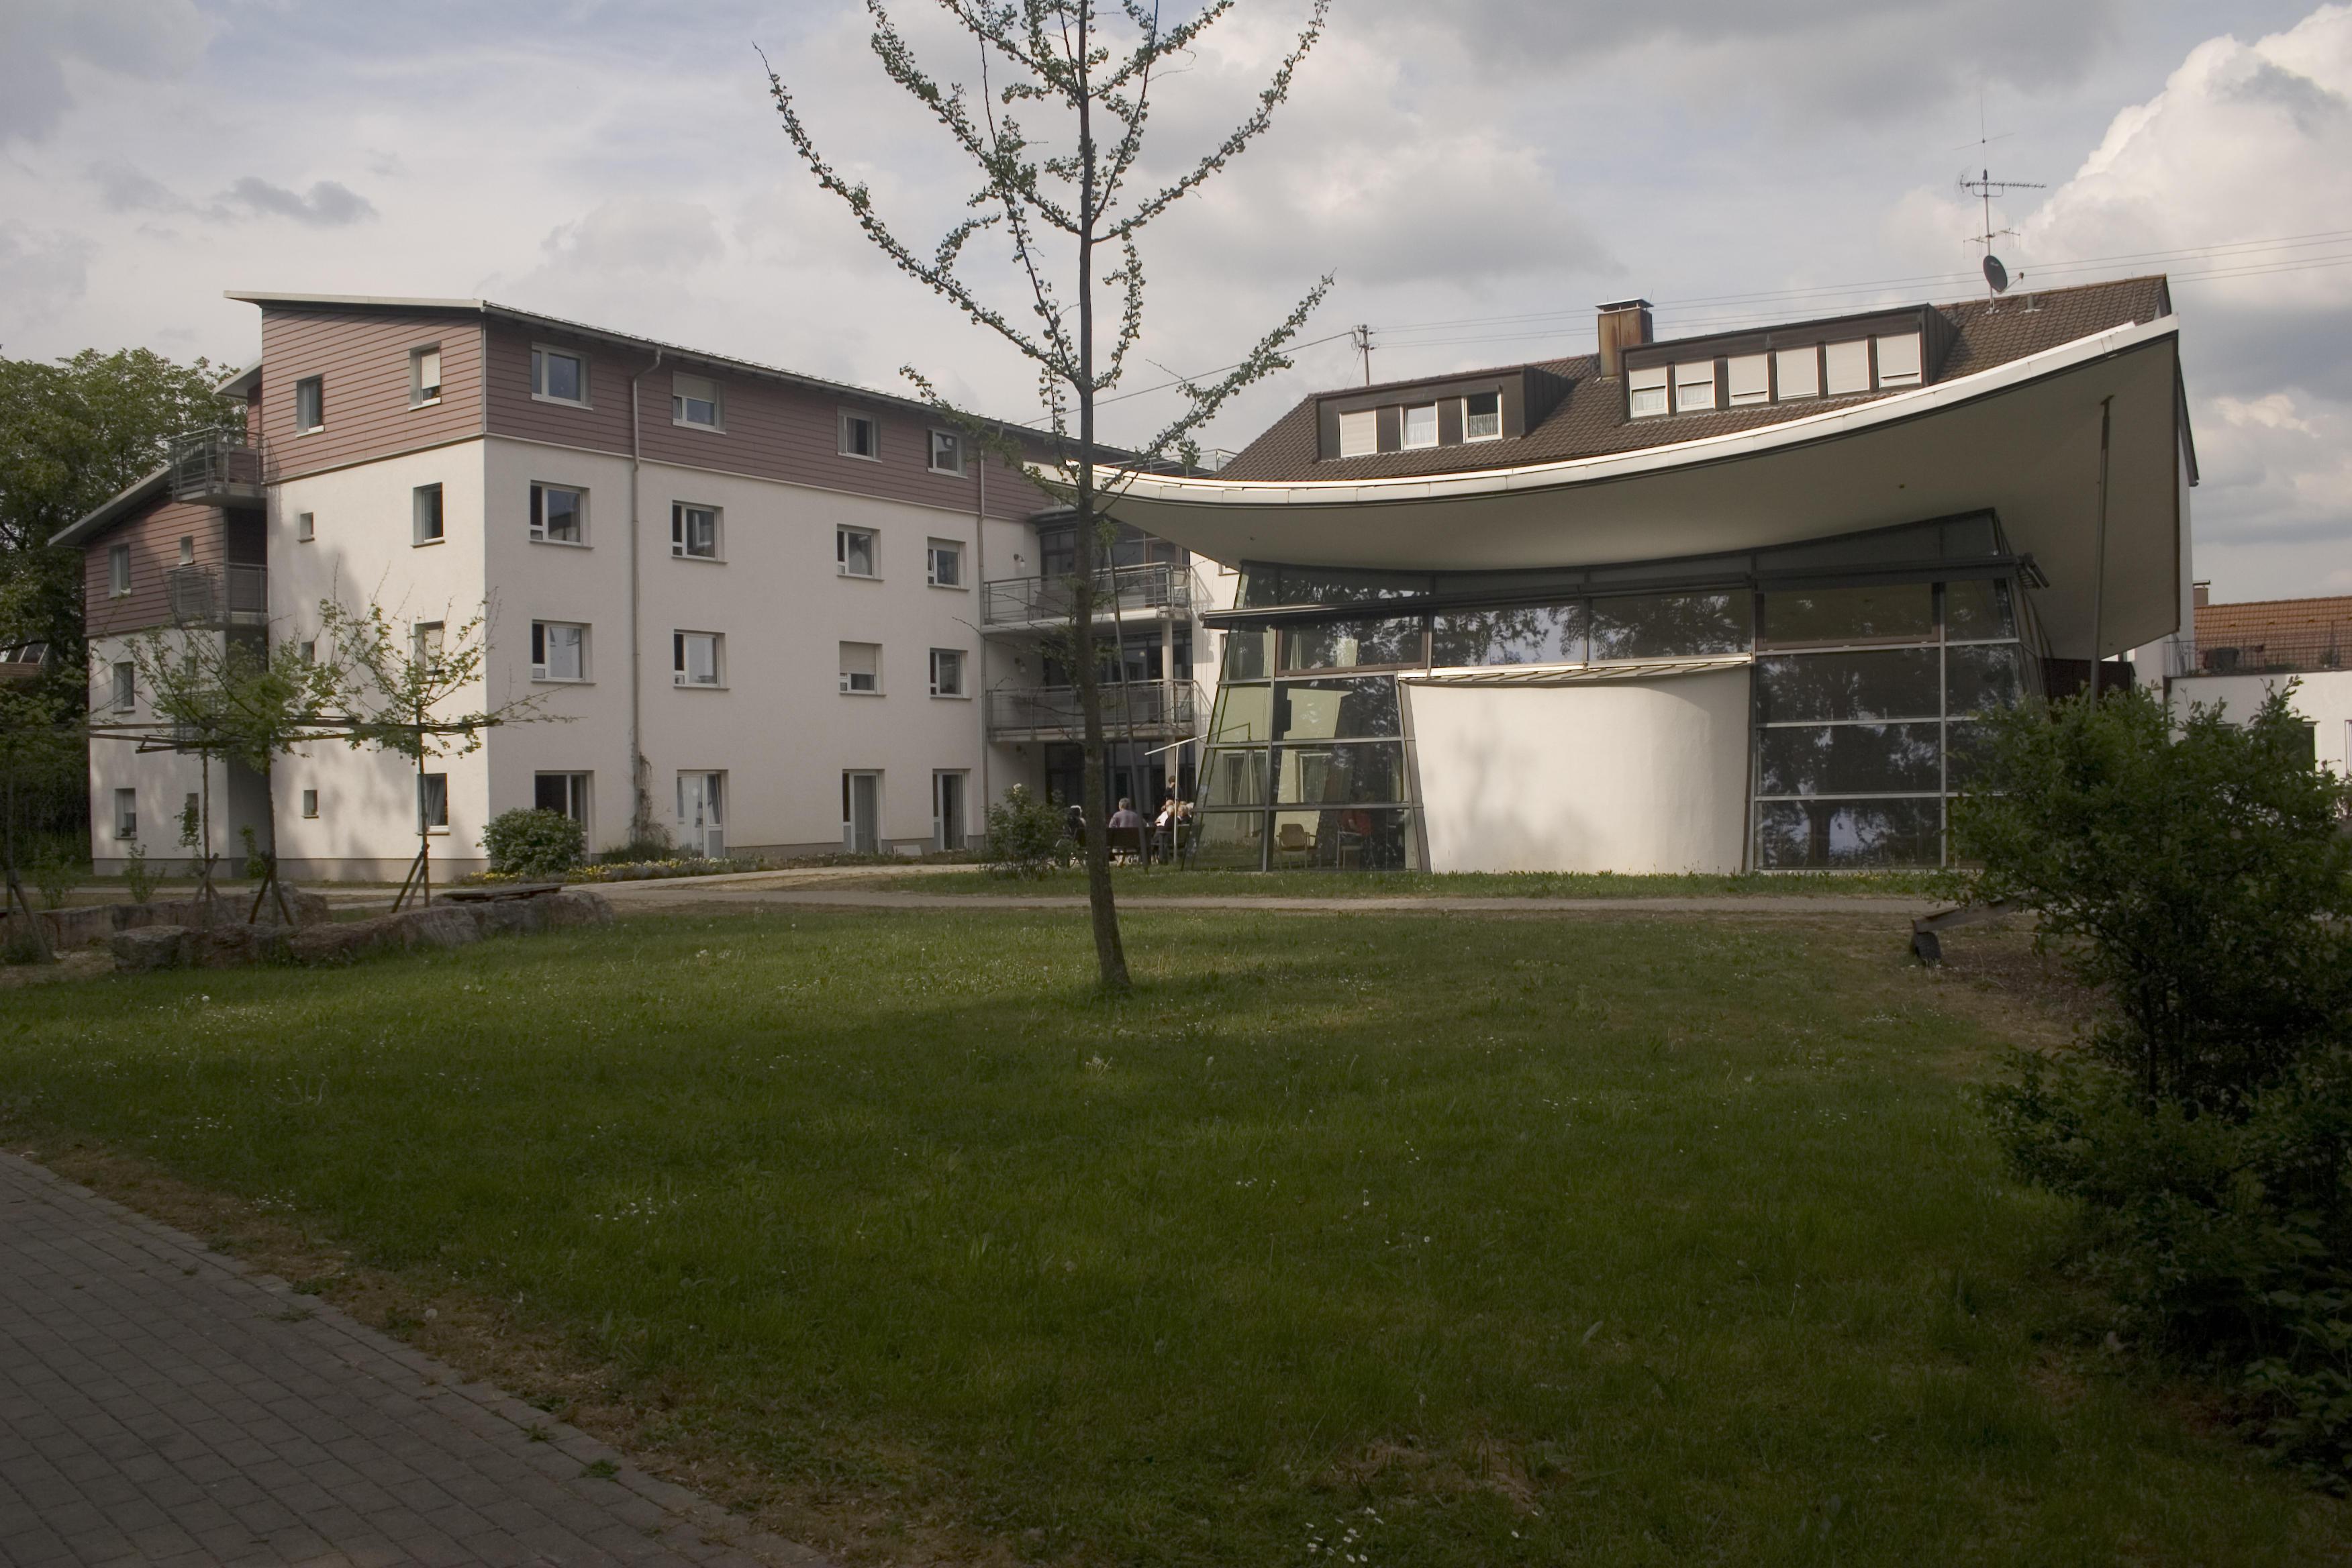 Alten- und Pflegeheim Sch�nblick